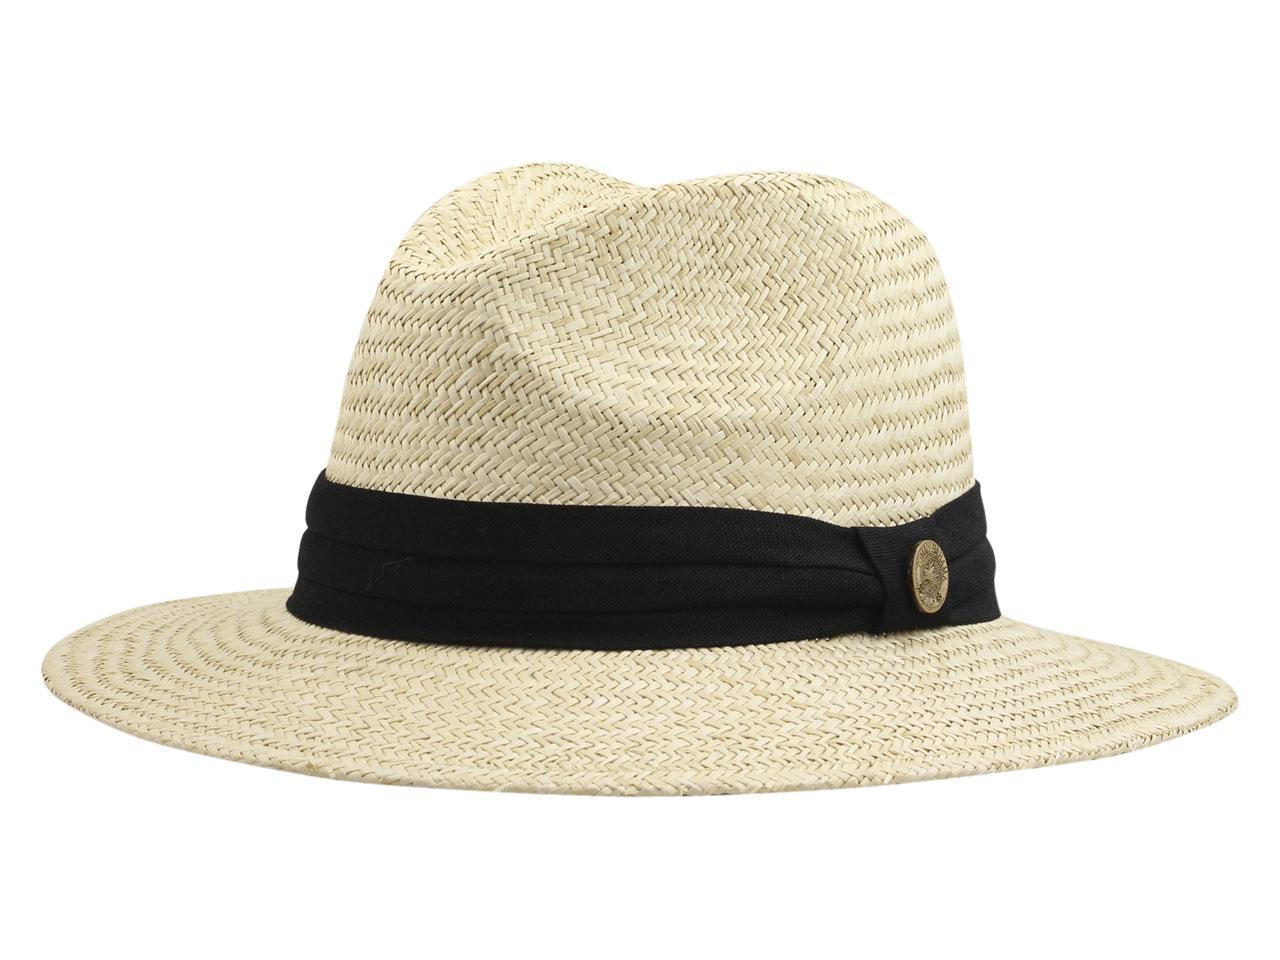 66bc0195c6d Tommy Bahama Men s 3-Pleat Trim Panama Hat